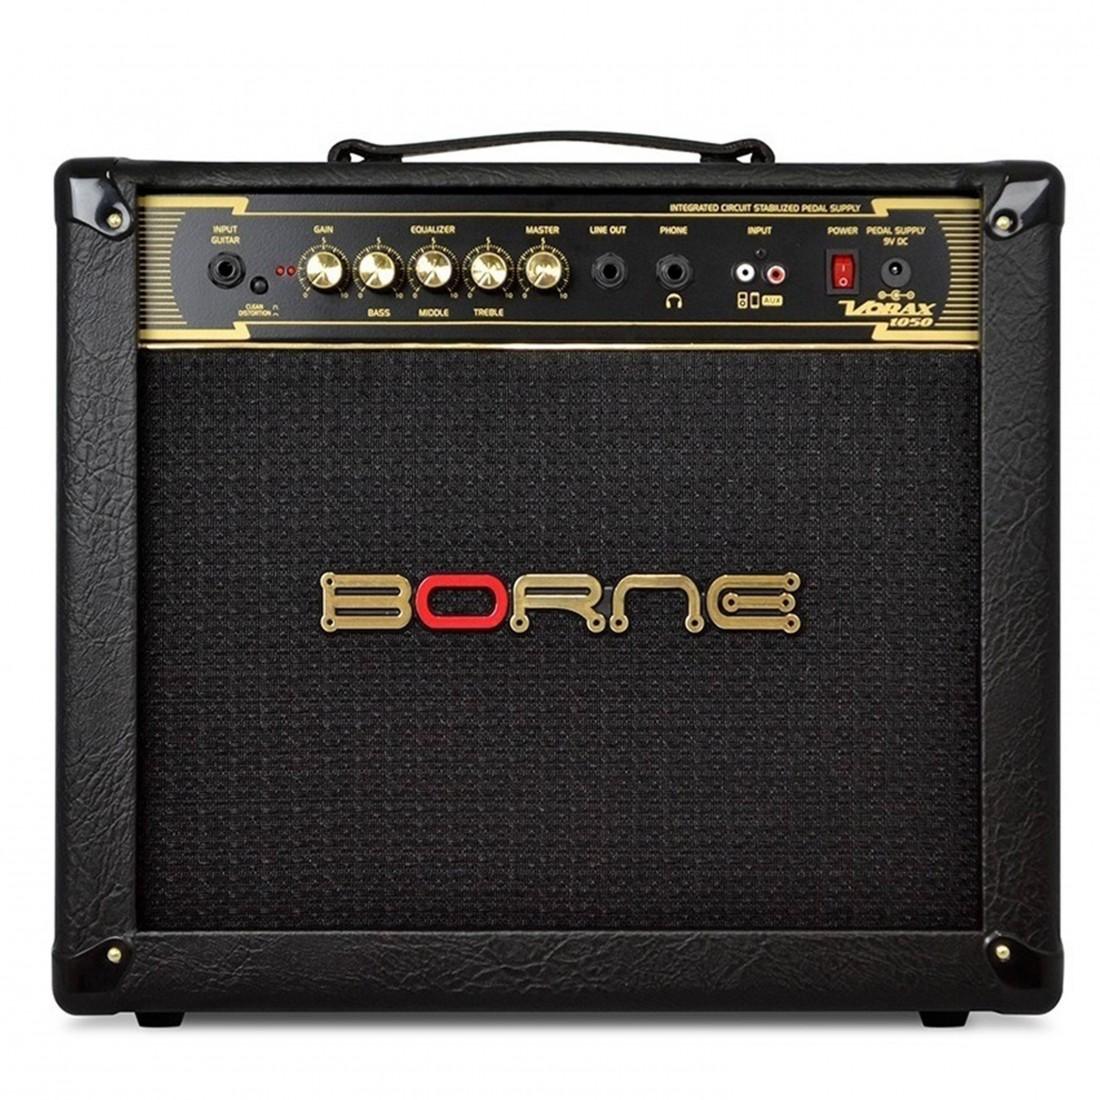 Imagem do produto Caixa Amplificada Guitarra Borne Vorax Vorax 1050 50 watts